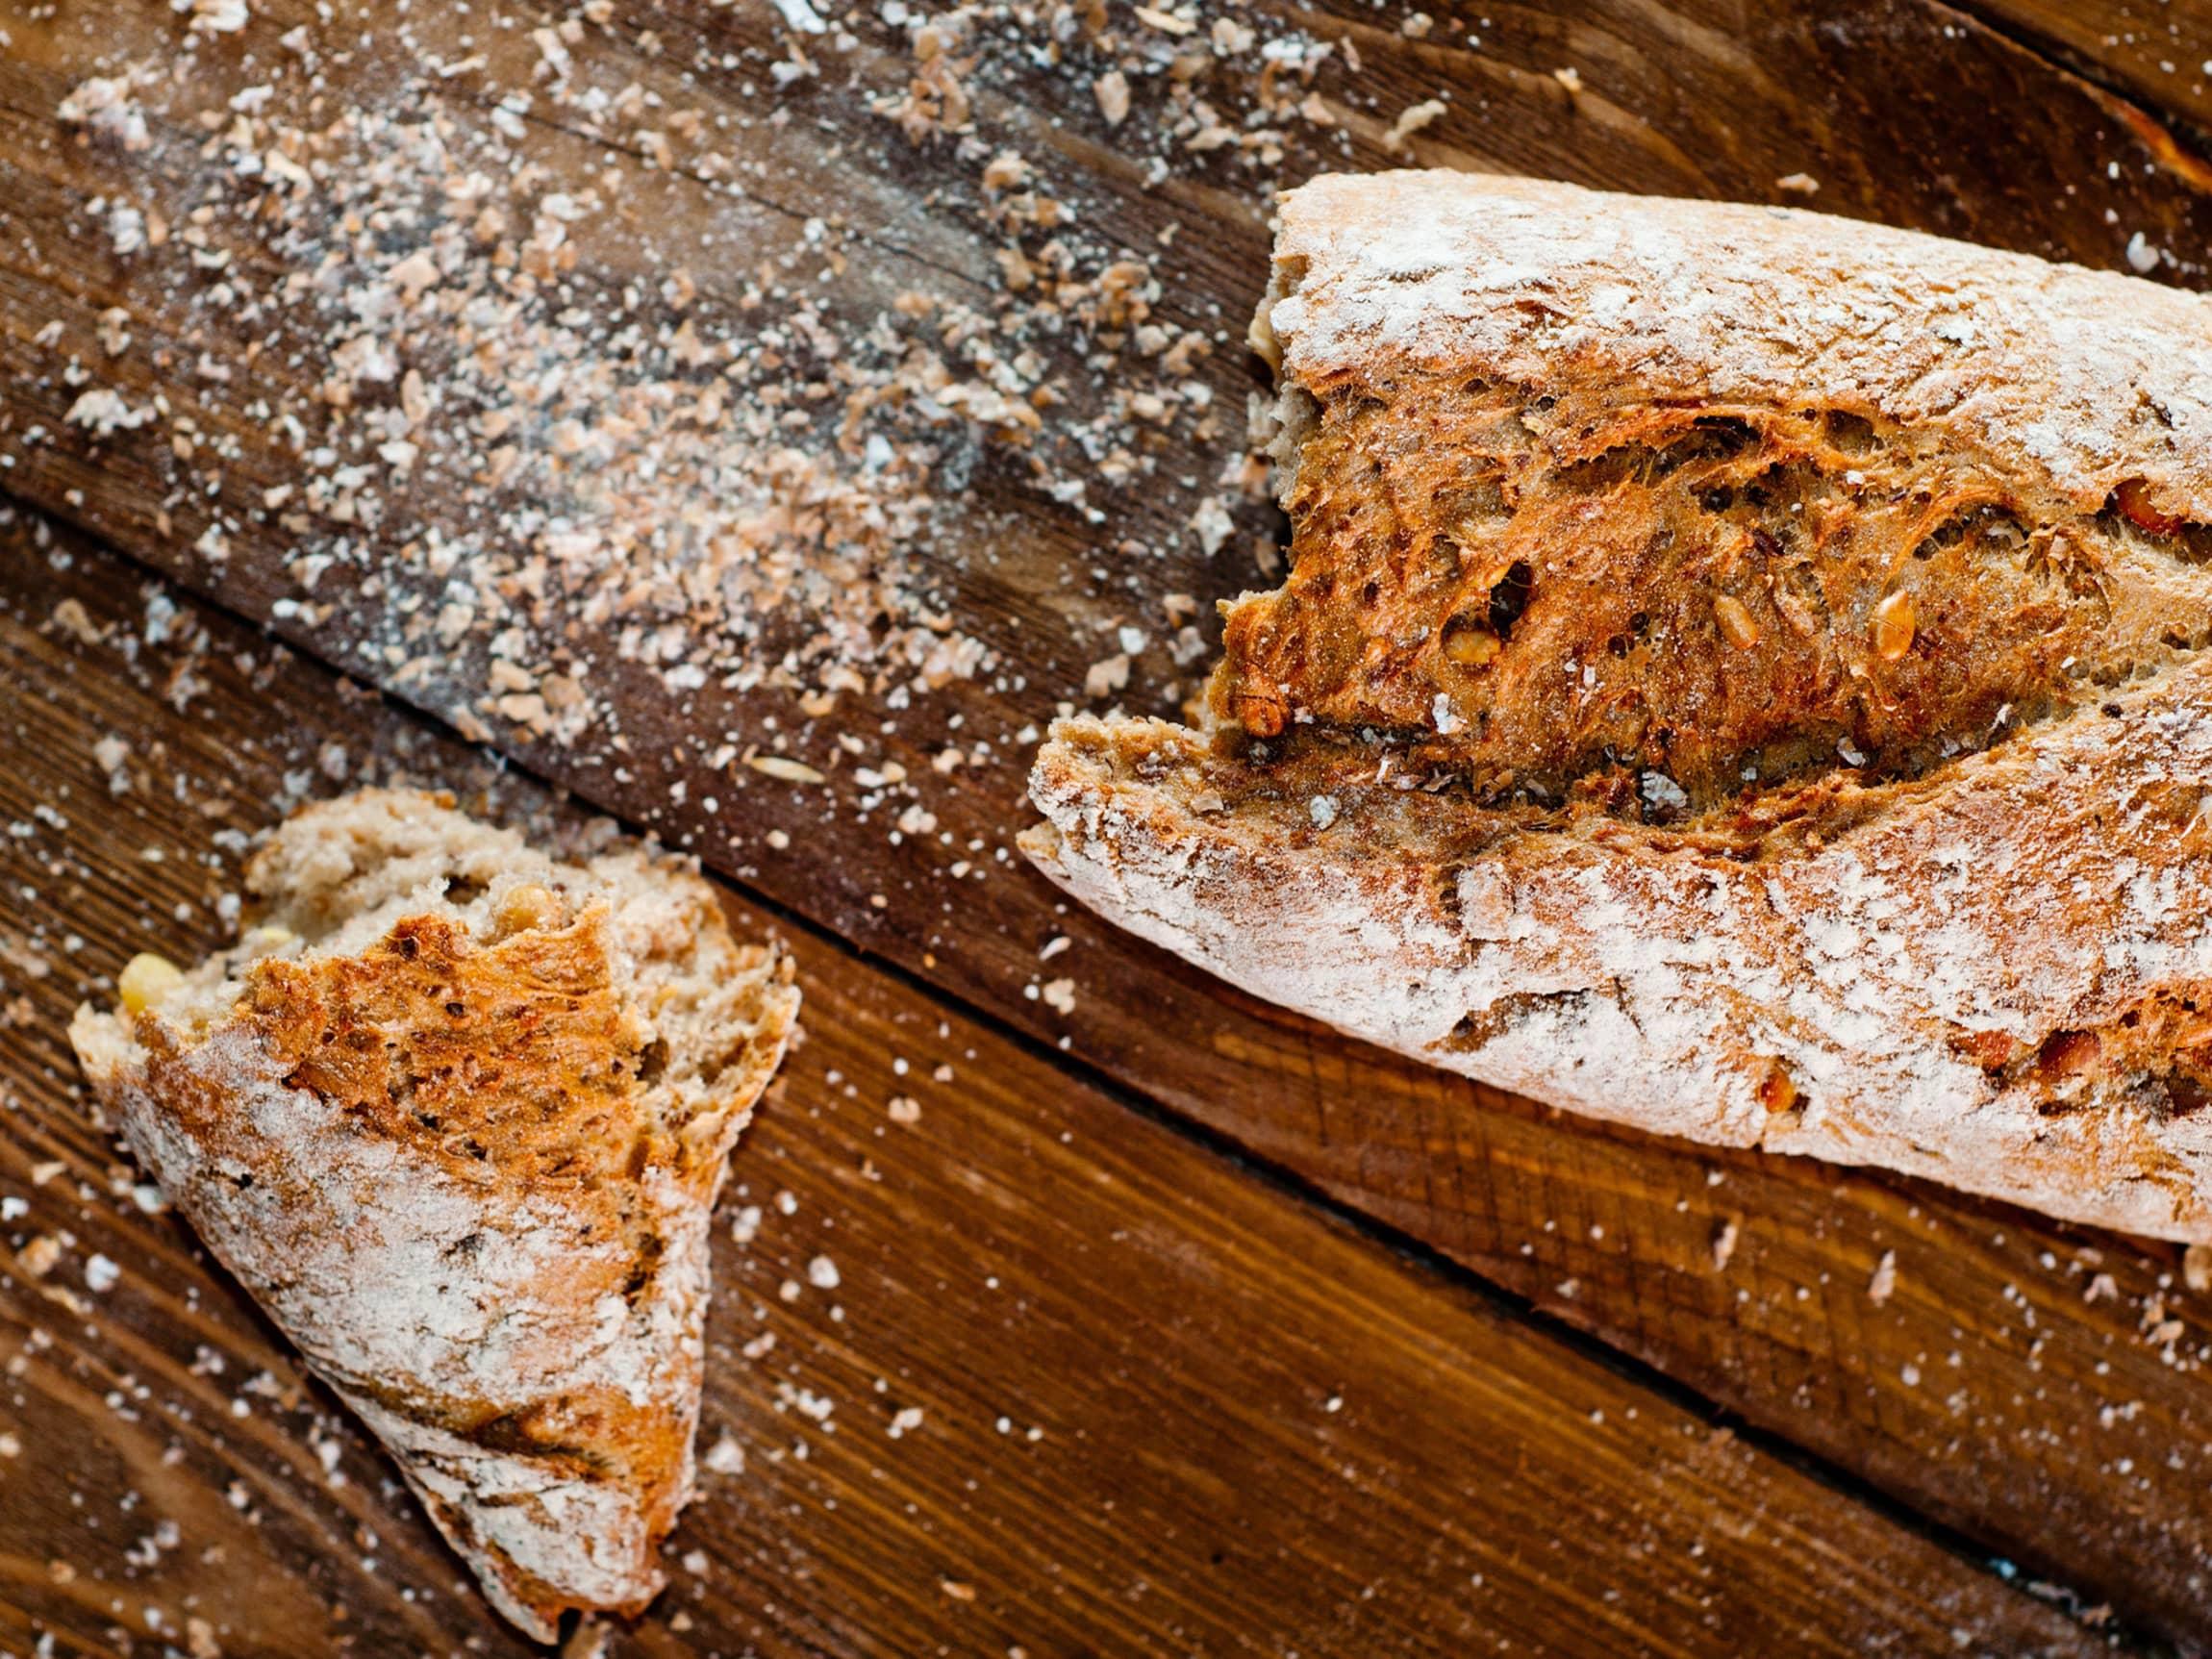 Slik baker du et godt, grovt brød